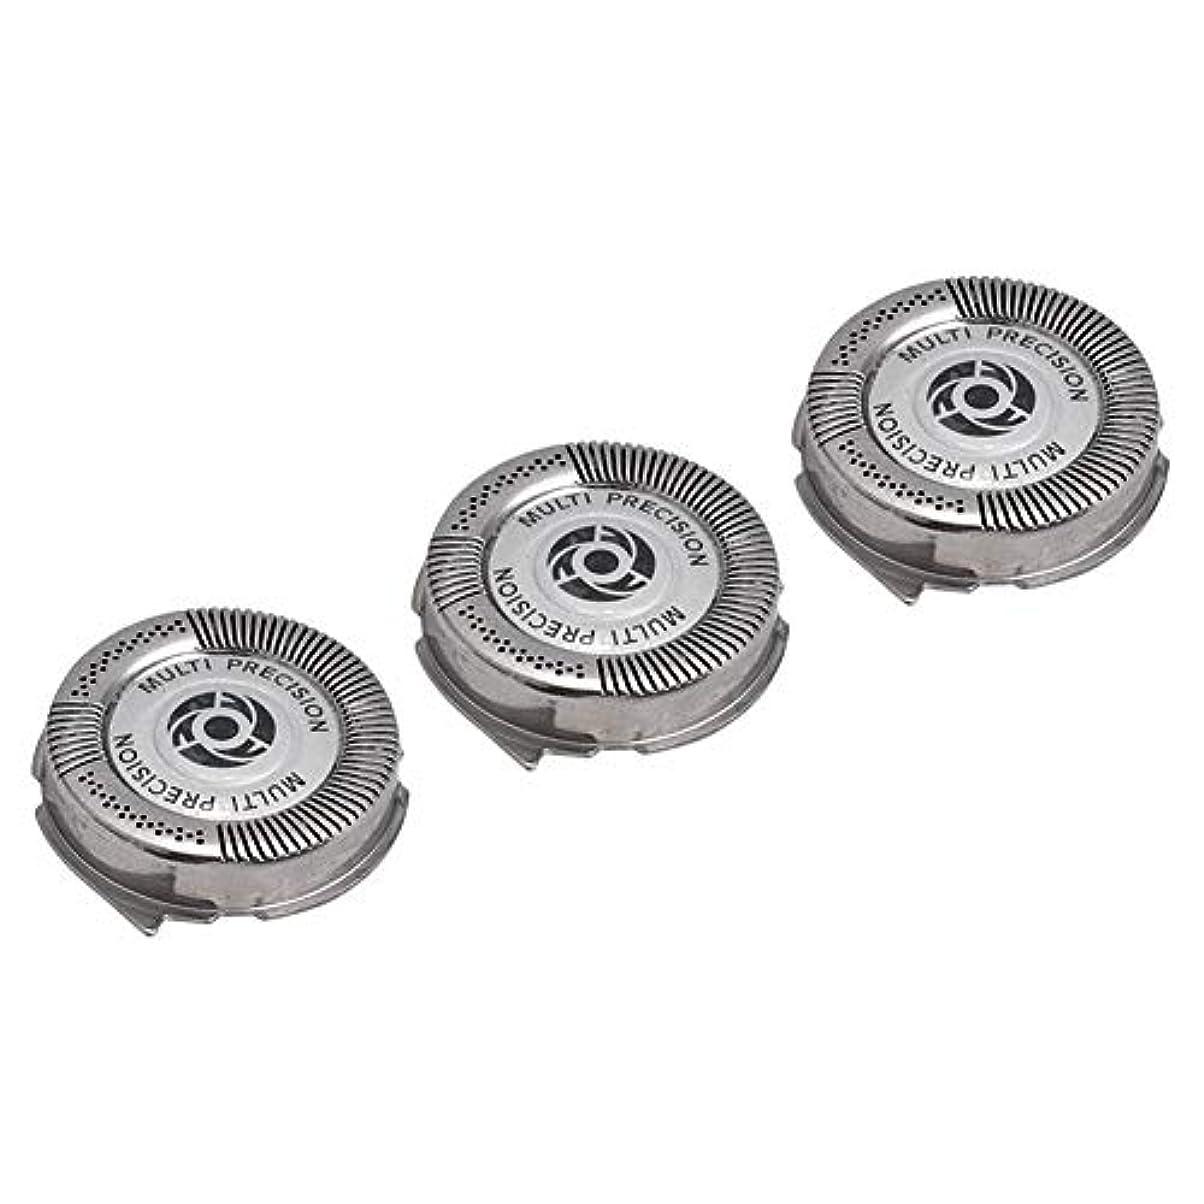 表現数値キャロラインシェービングヘッド交換用ブレードシステム フィリップス Norelcoシリーズ 5000 HQ8シェーバー用 シェーバー 替刃 交換ヘッド 3個